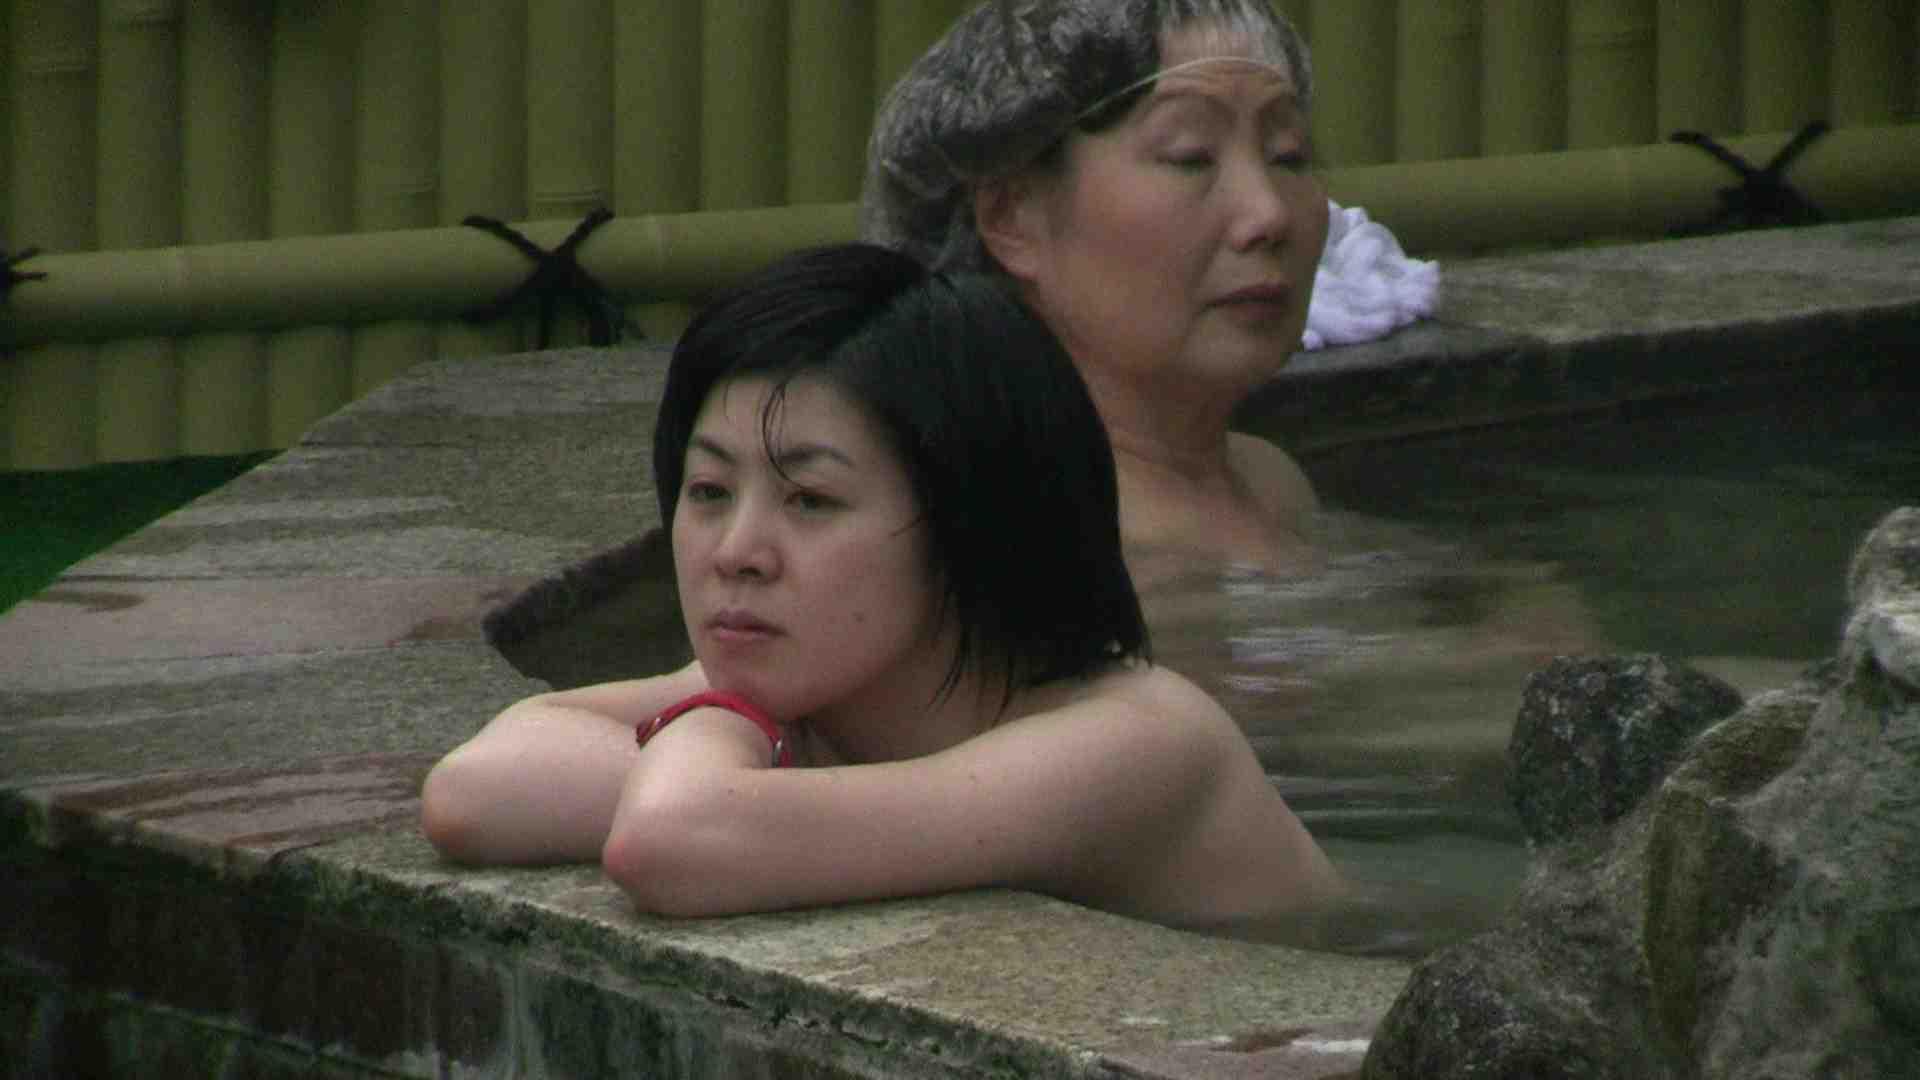 Aquaな露天風呂Vol.685 露天風呂 | 盗撮動画  9枚 9